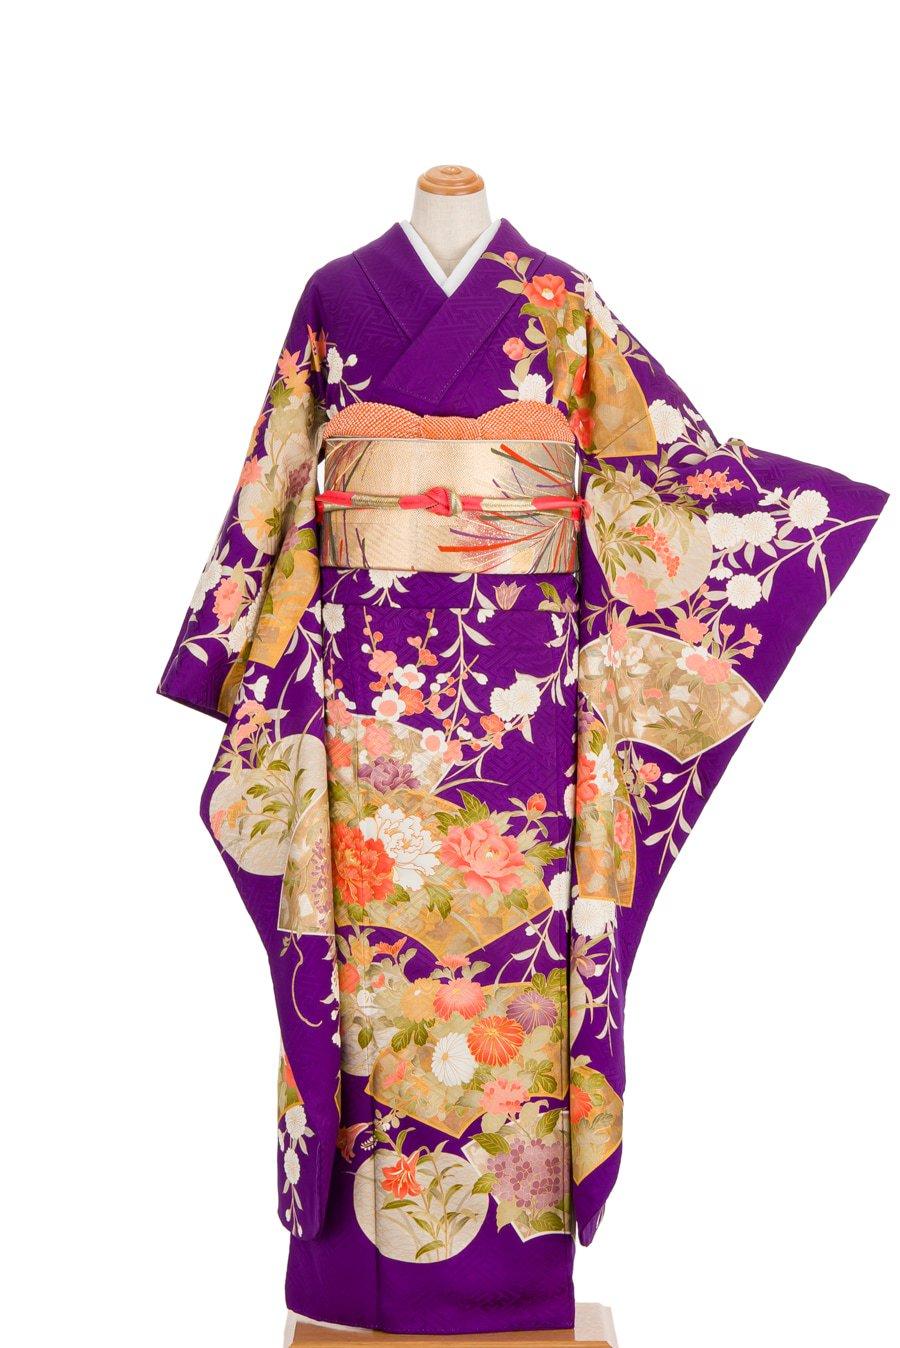 「振袖 紫の地 扇面と花」の商品画像